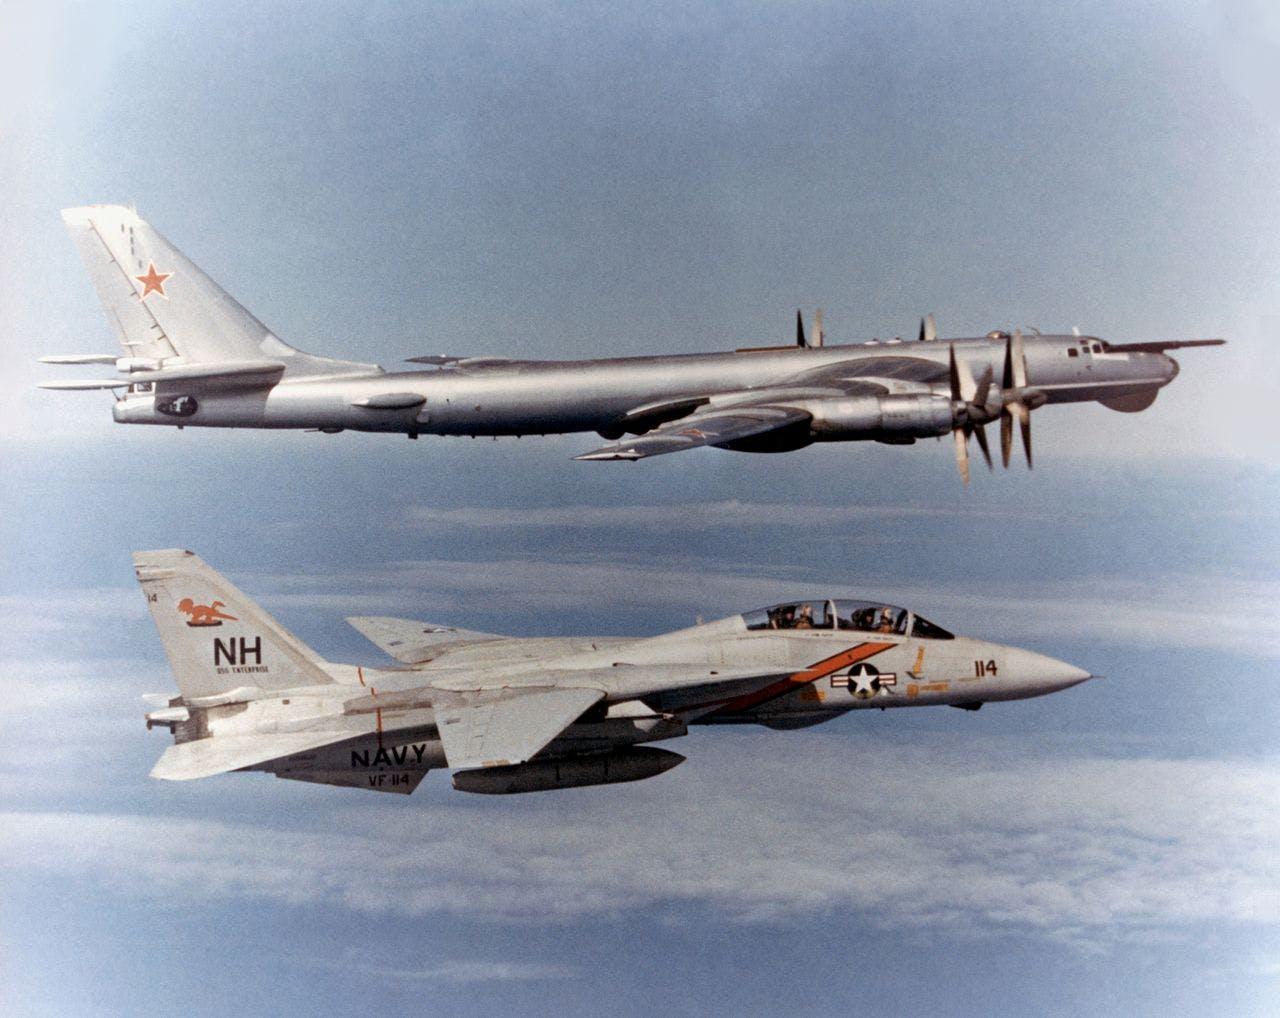 F-14 Tomcat VF-114 escorting TU-95 Bear